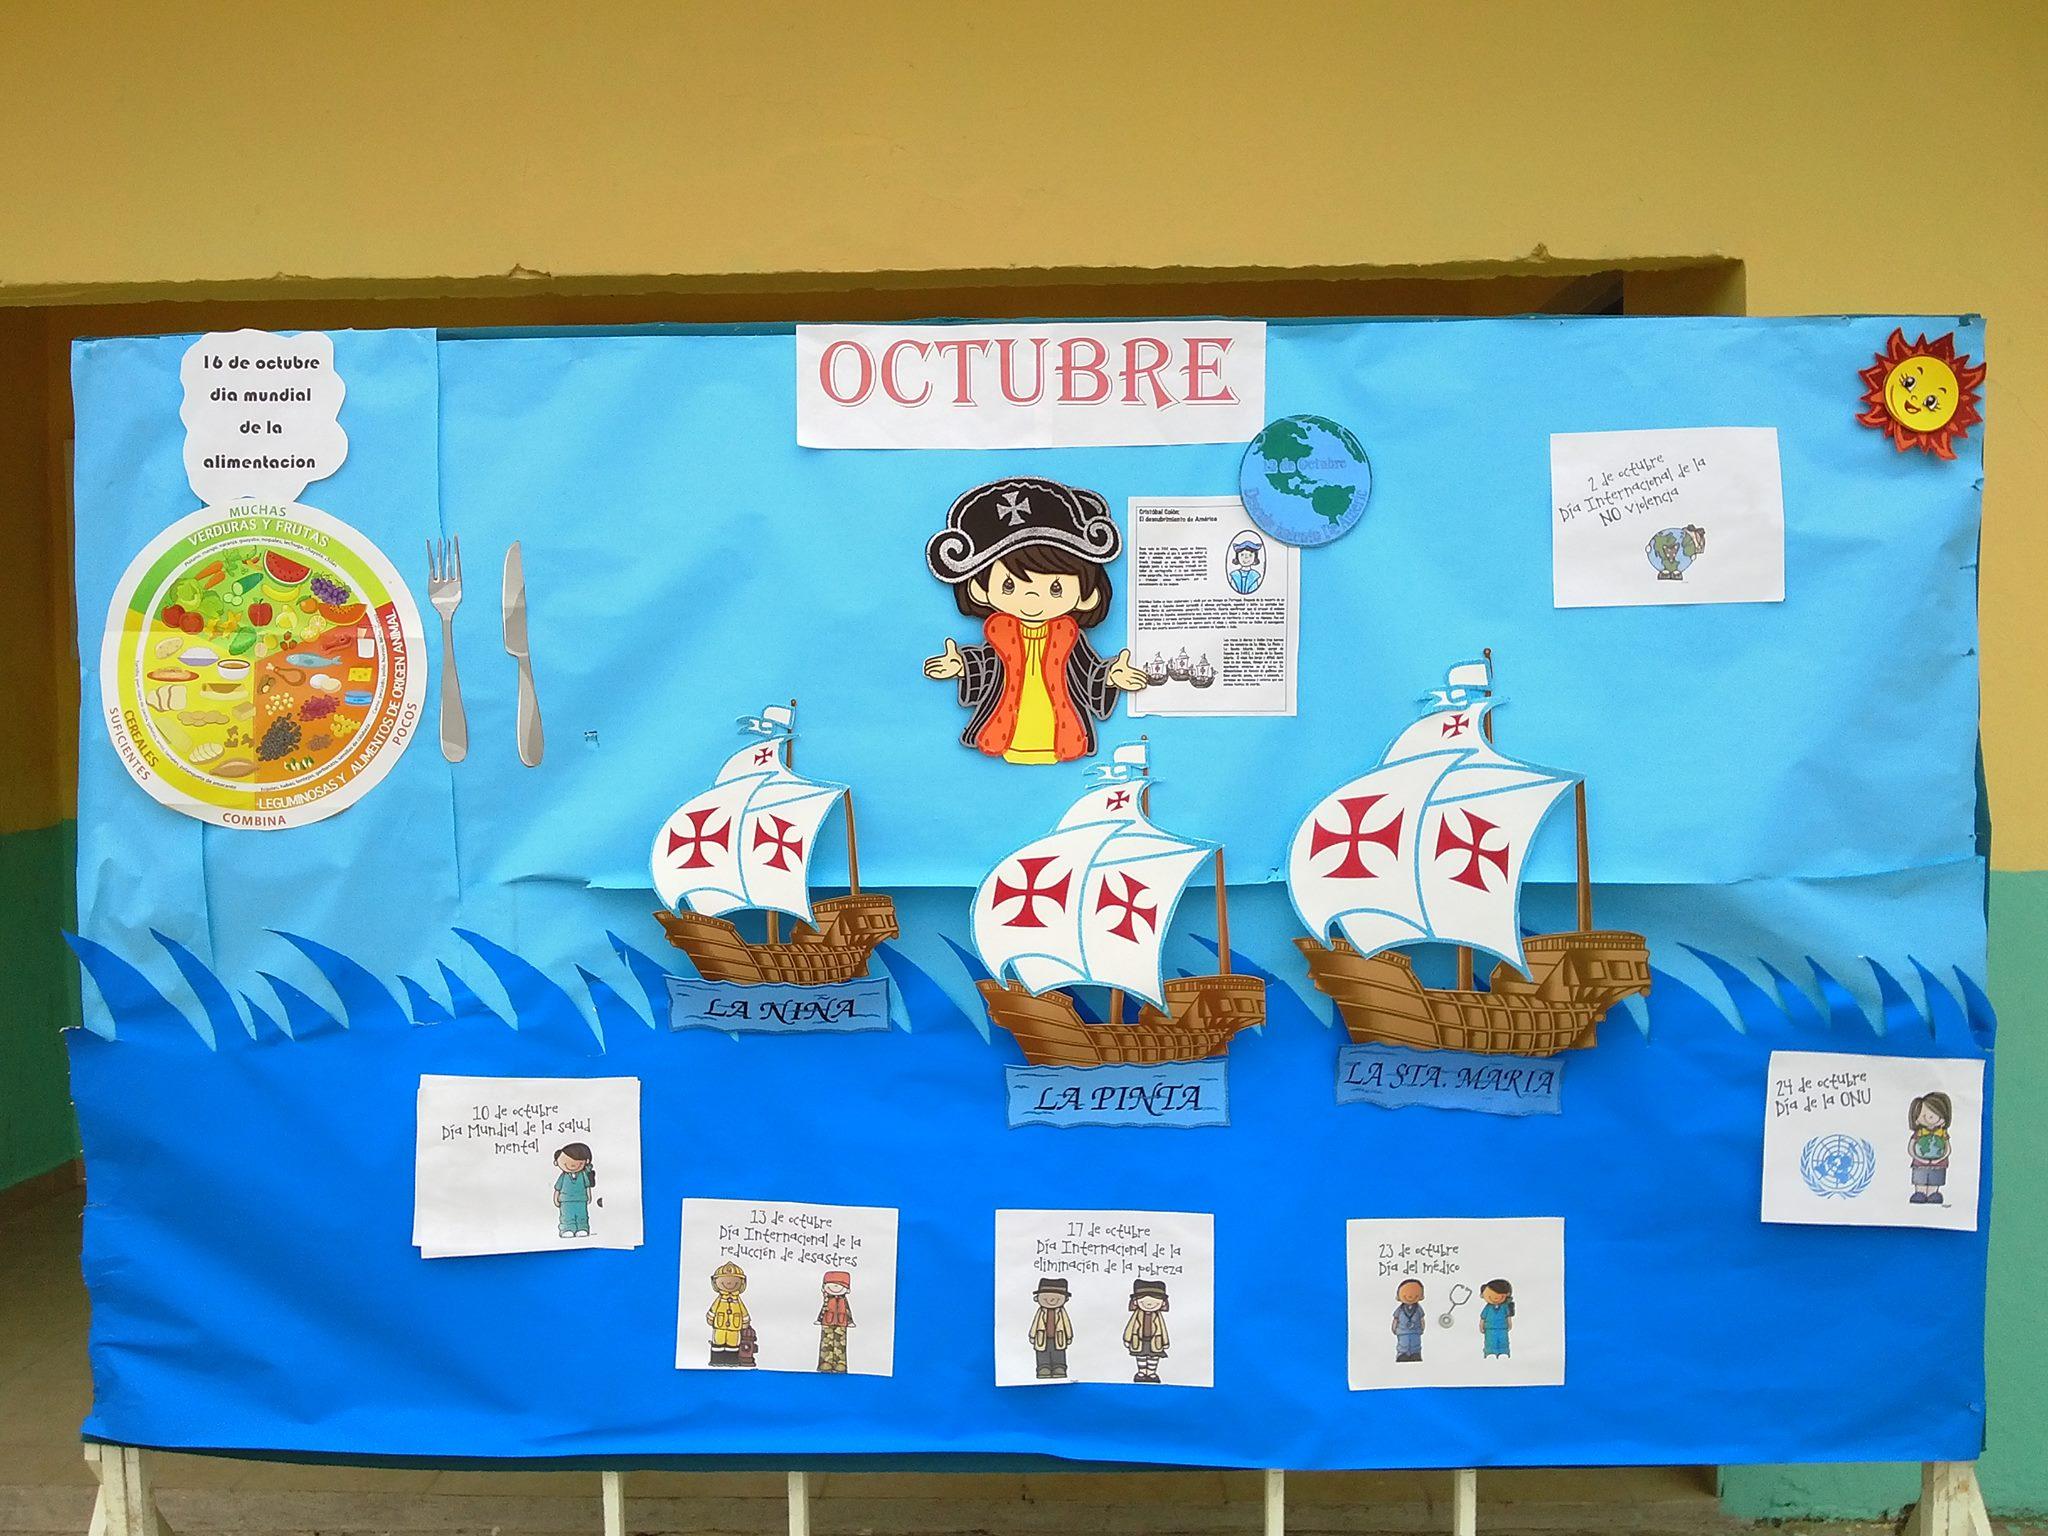 Periodico mural octubre vuestras propuestas 5 imagenes for Diario mural en ingles